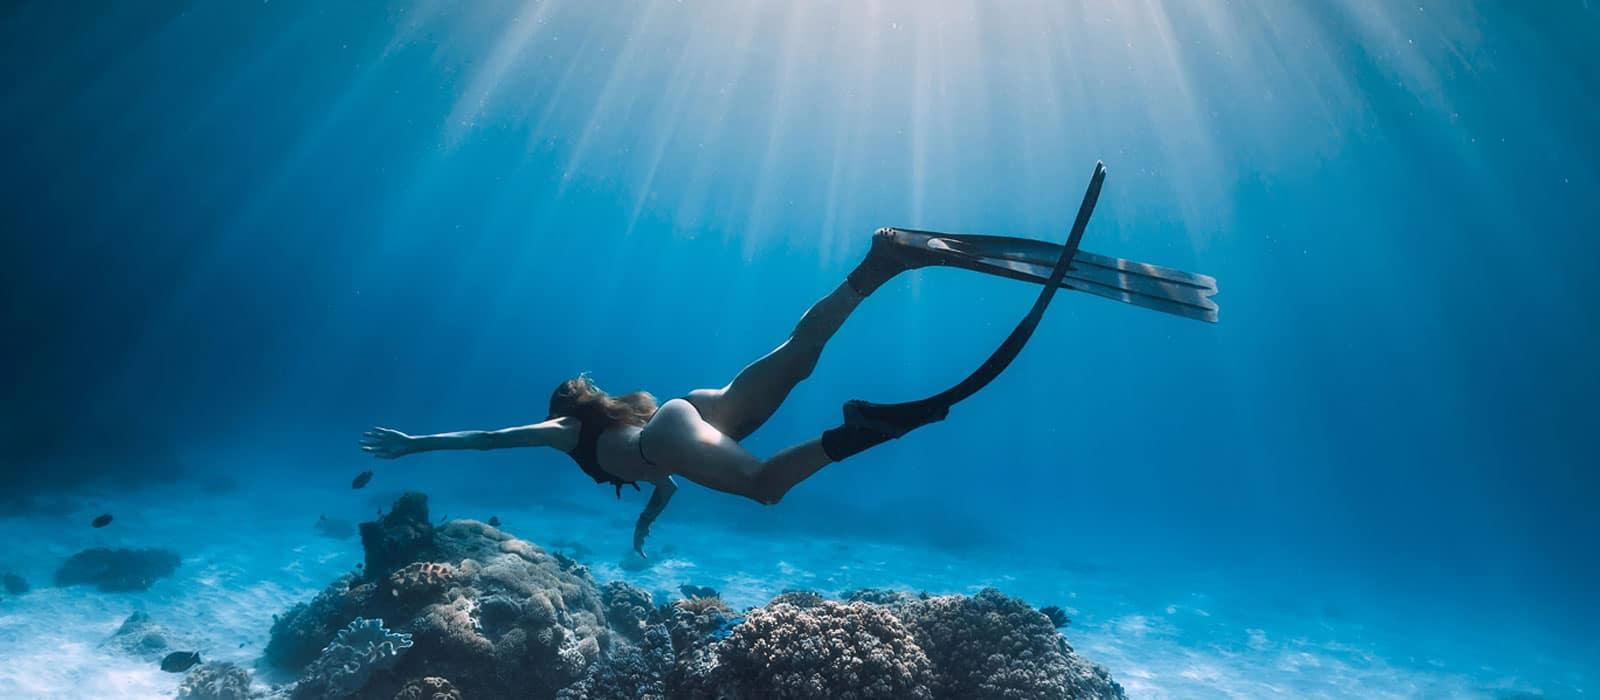 Schwimmen, Tauchen, Schnorcheln und Apnoetauchen haben mehr Gemeinsamkeiten als man denkt